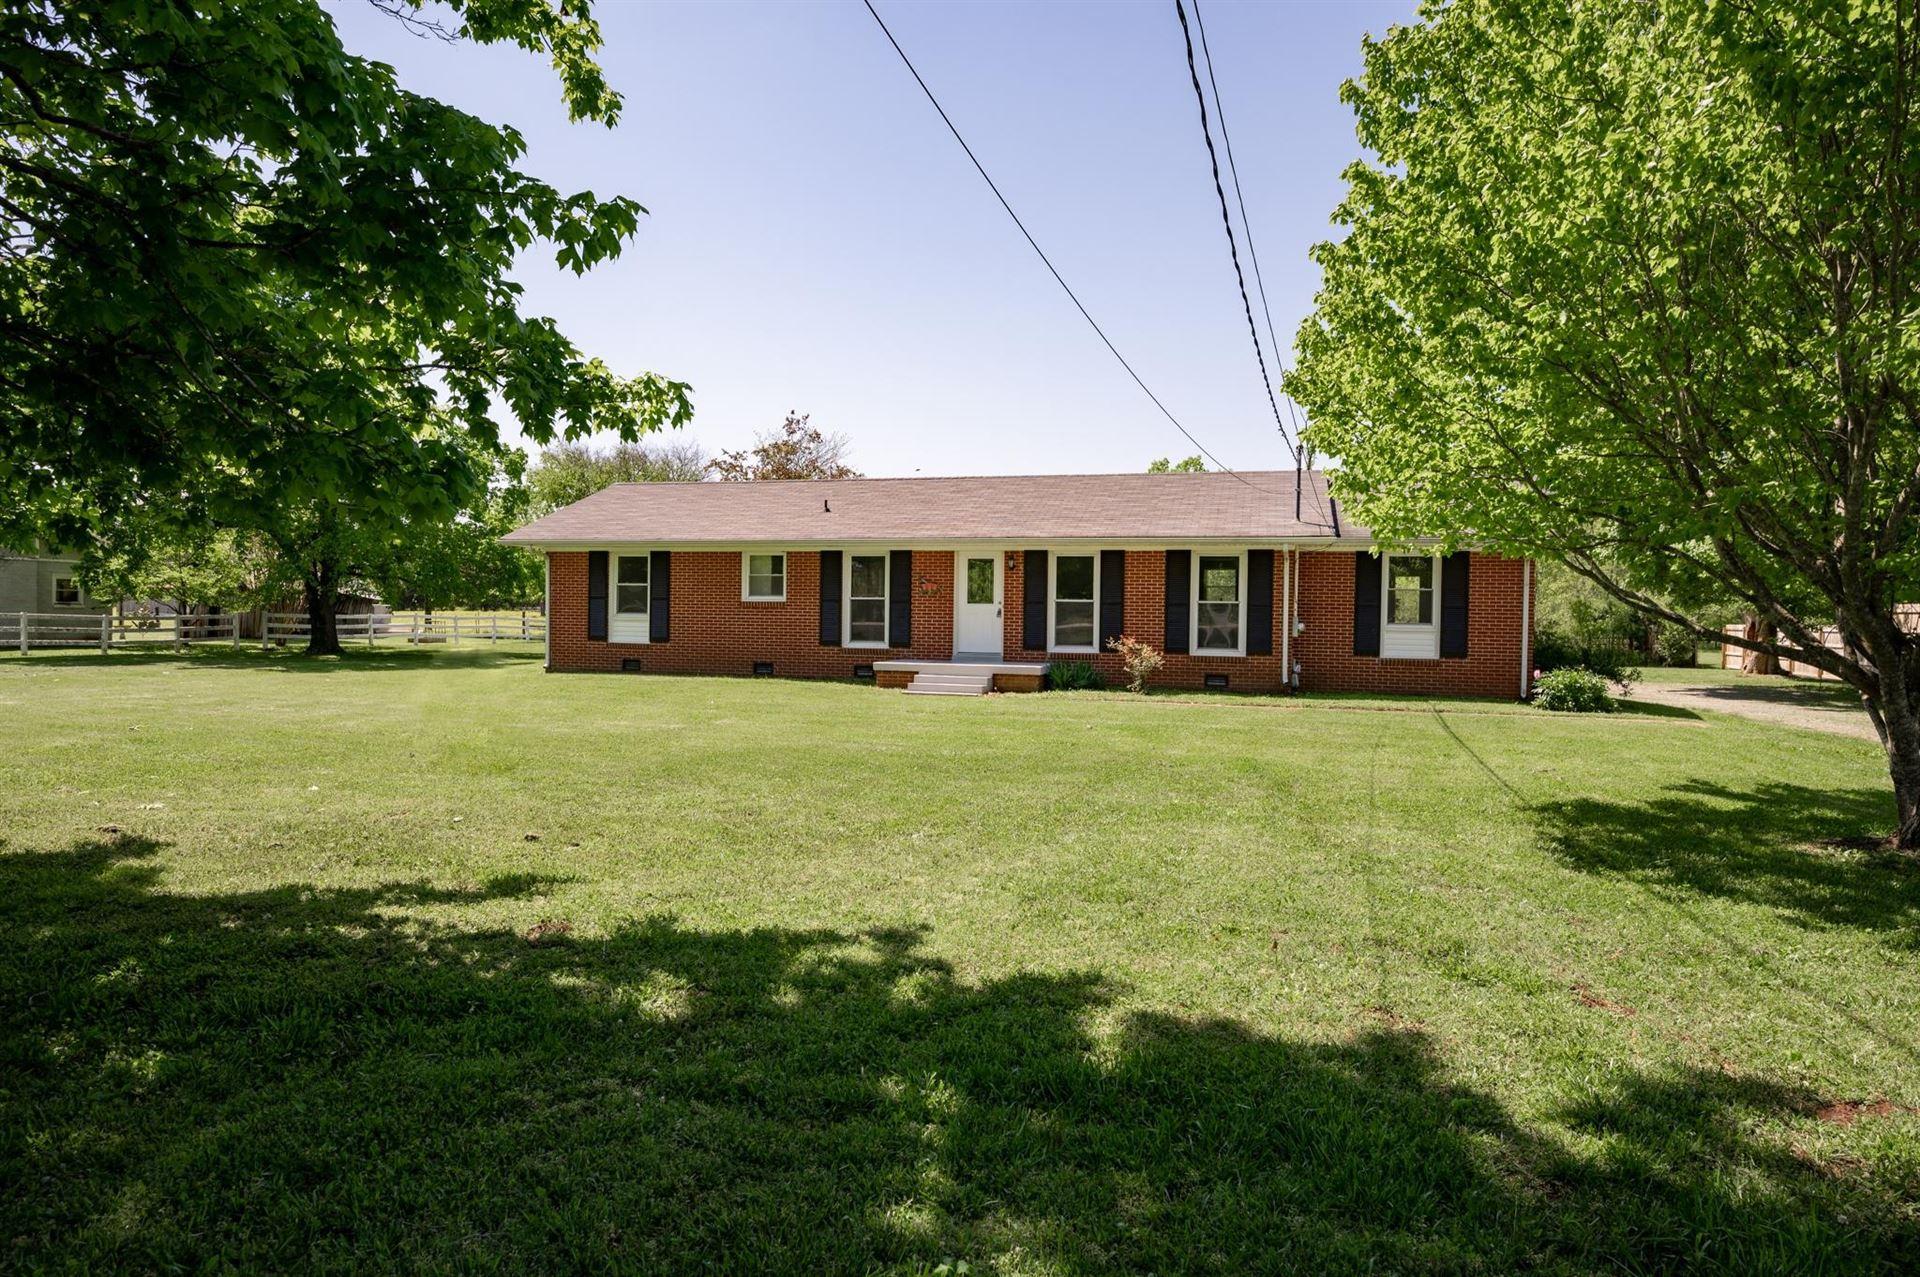 Photo of 4962 Bradyville Pike, Murfreesboro, TN 37127 (MLS # 2251906)